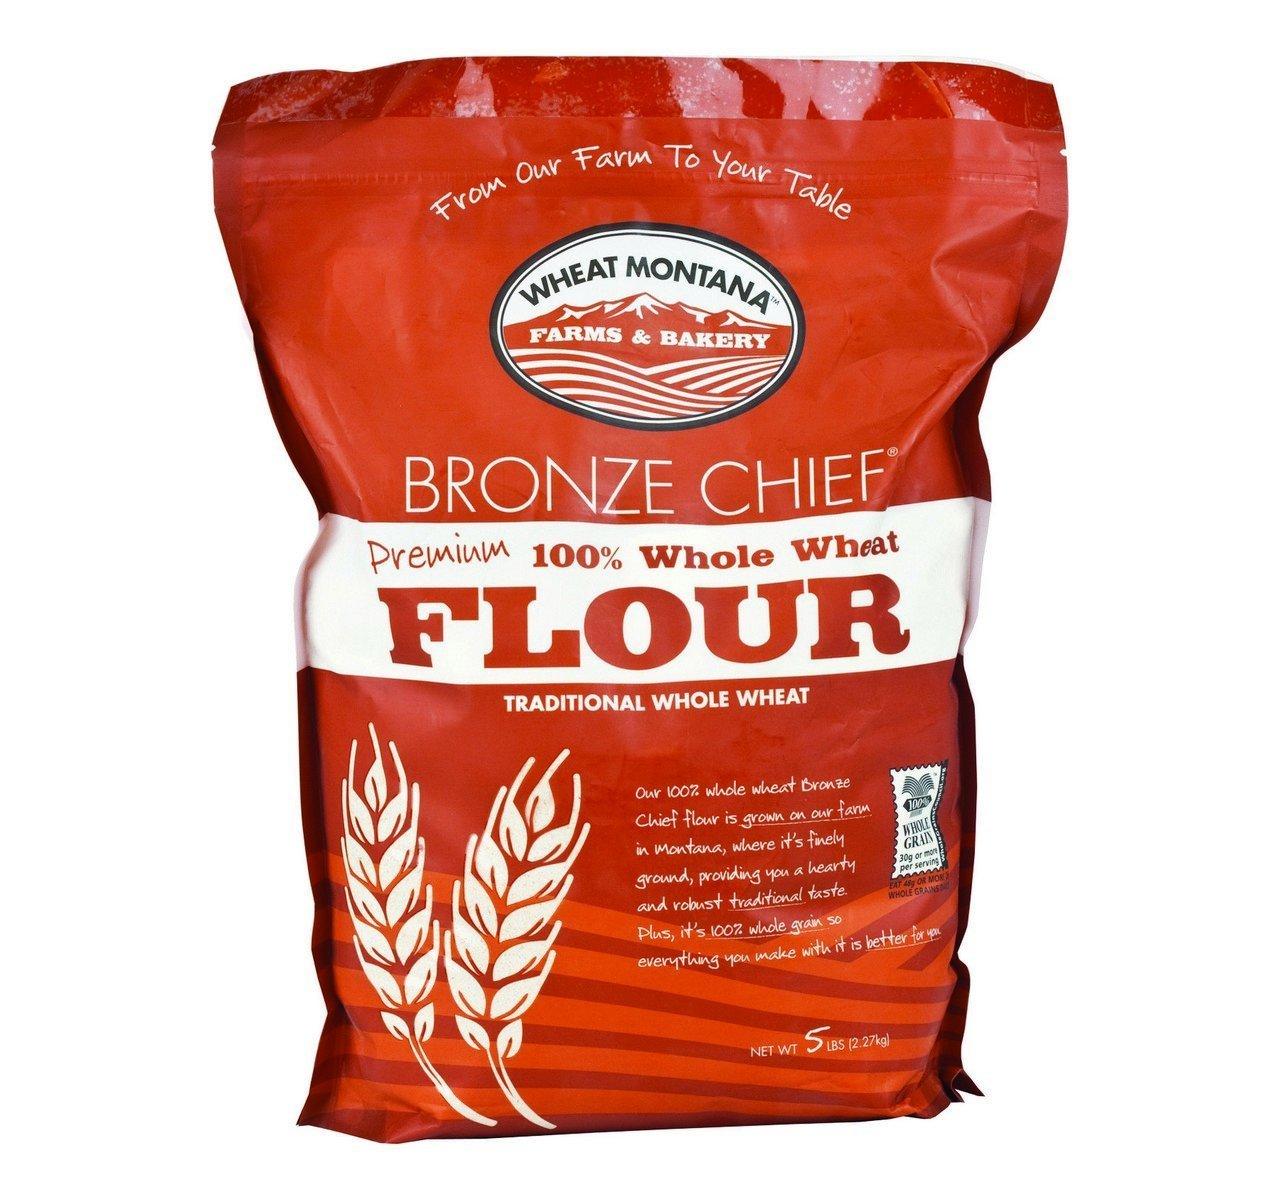 Amazon.com : Wheat Montana White Flour, Natural, 50 Pound